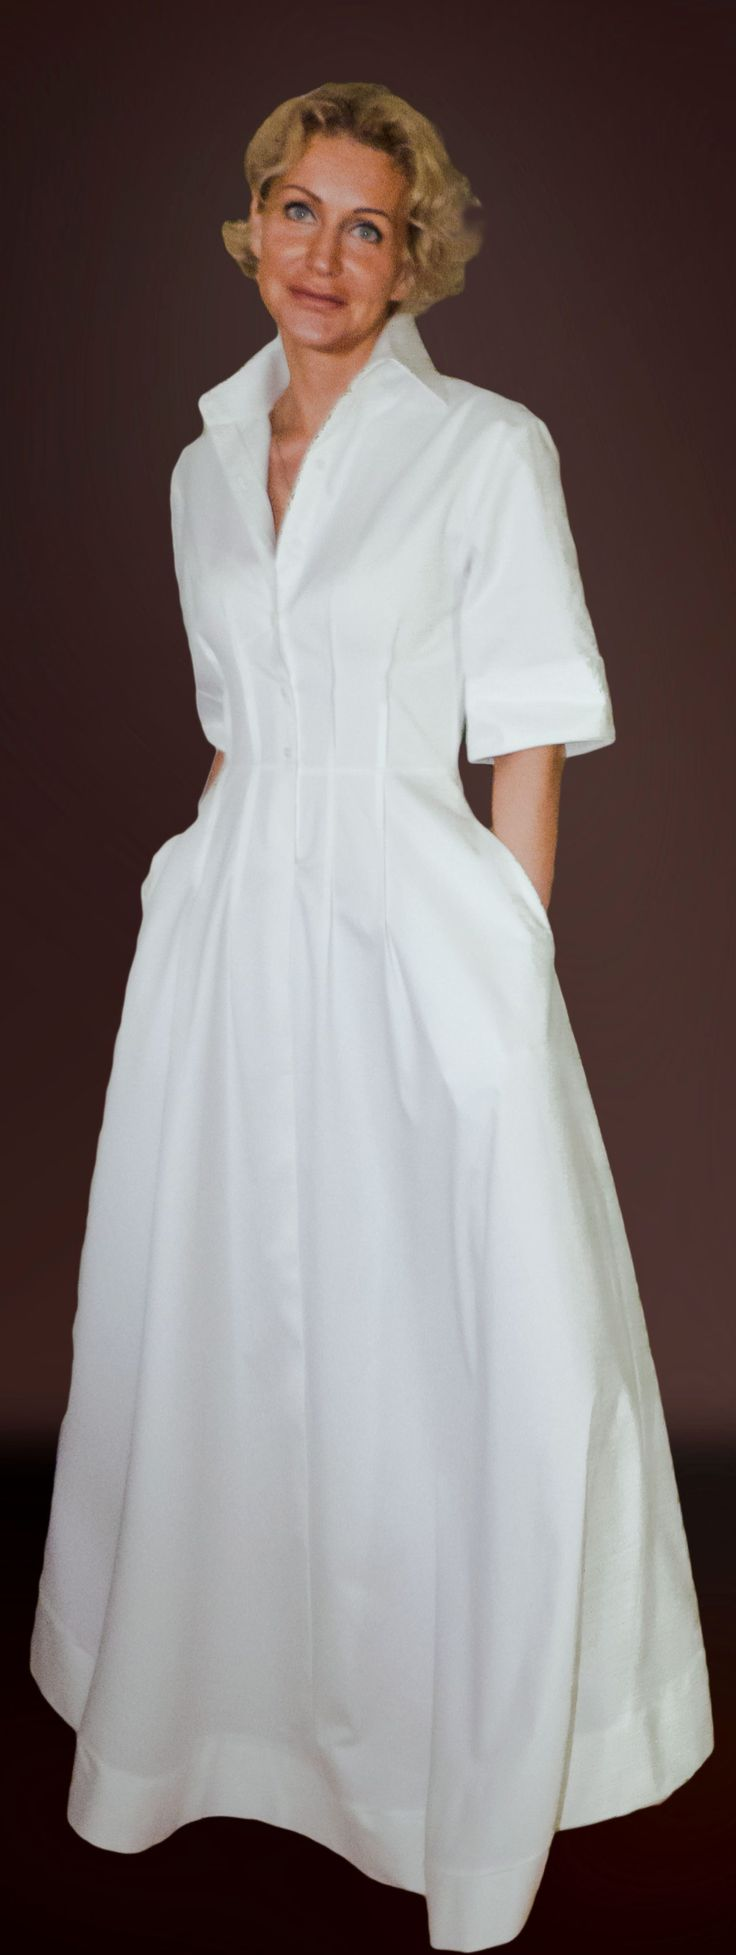 Платье - рубашка белое. Дизайнер Лана Кмекич. Москва.